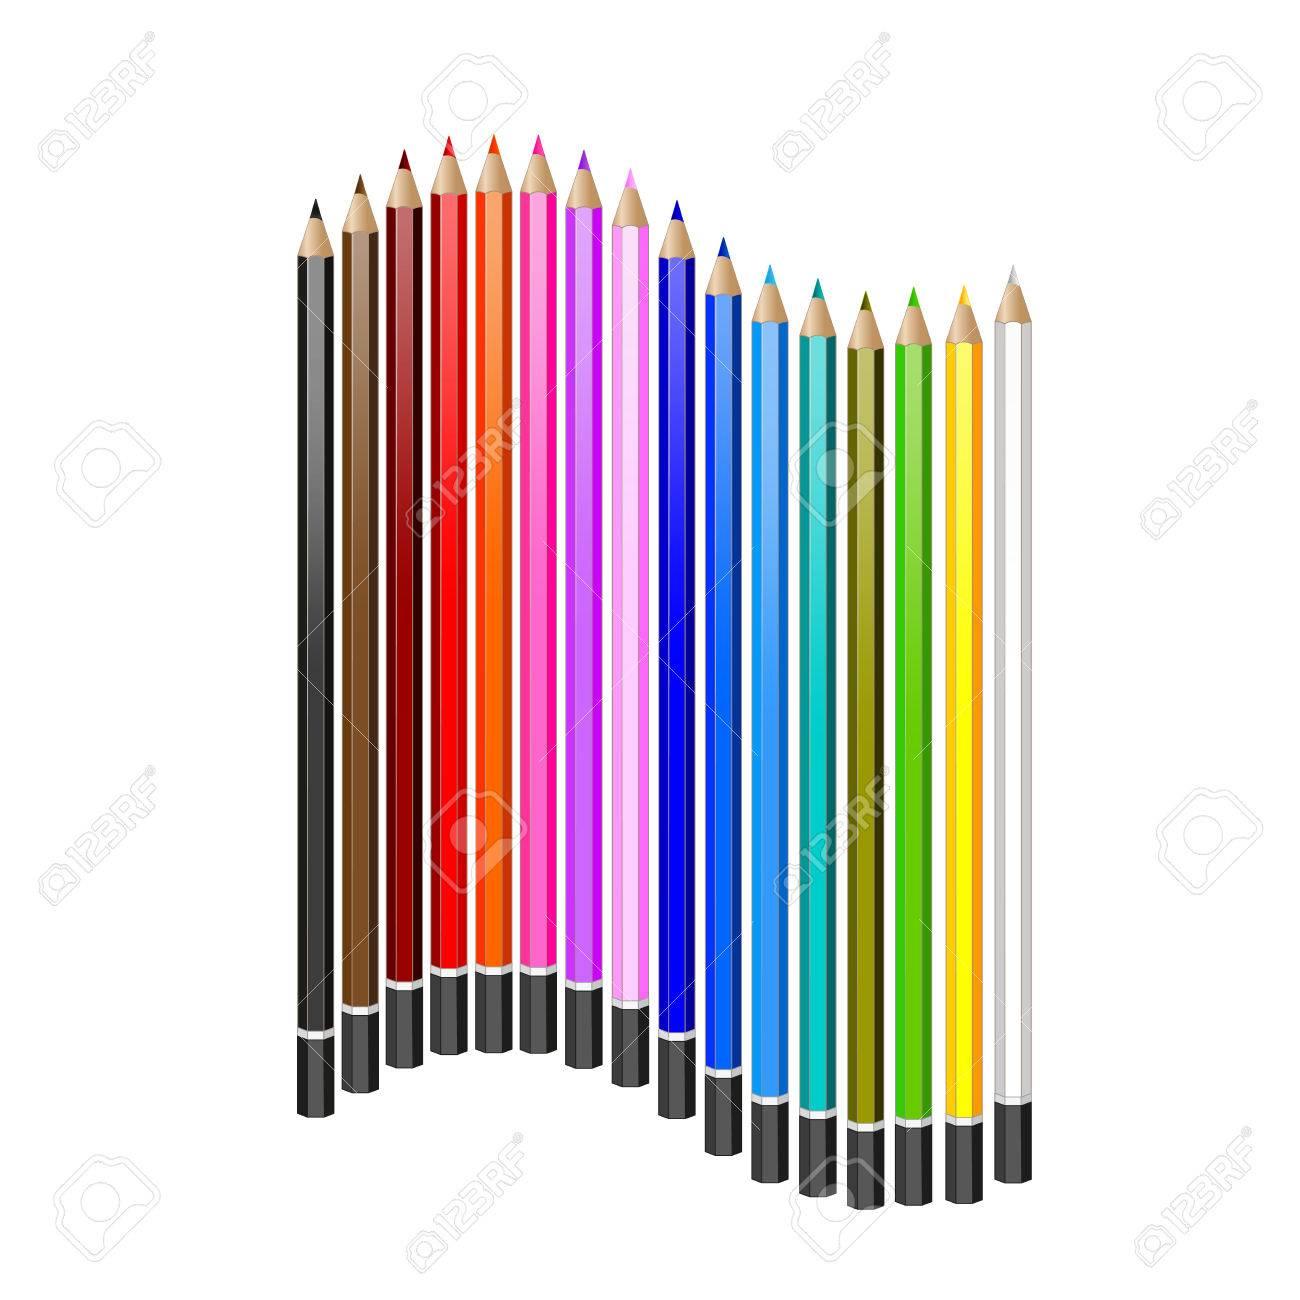 色鉛筆のセットですベクトルのリアルなイラストですのイラスト素材